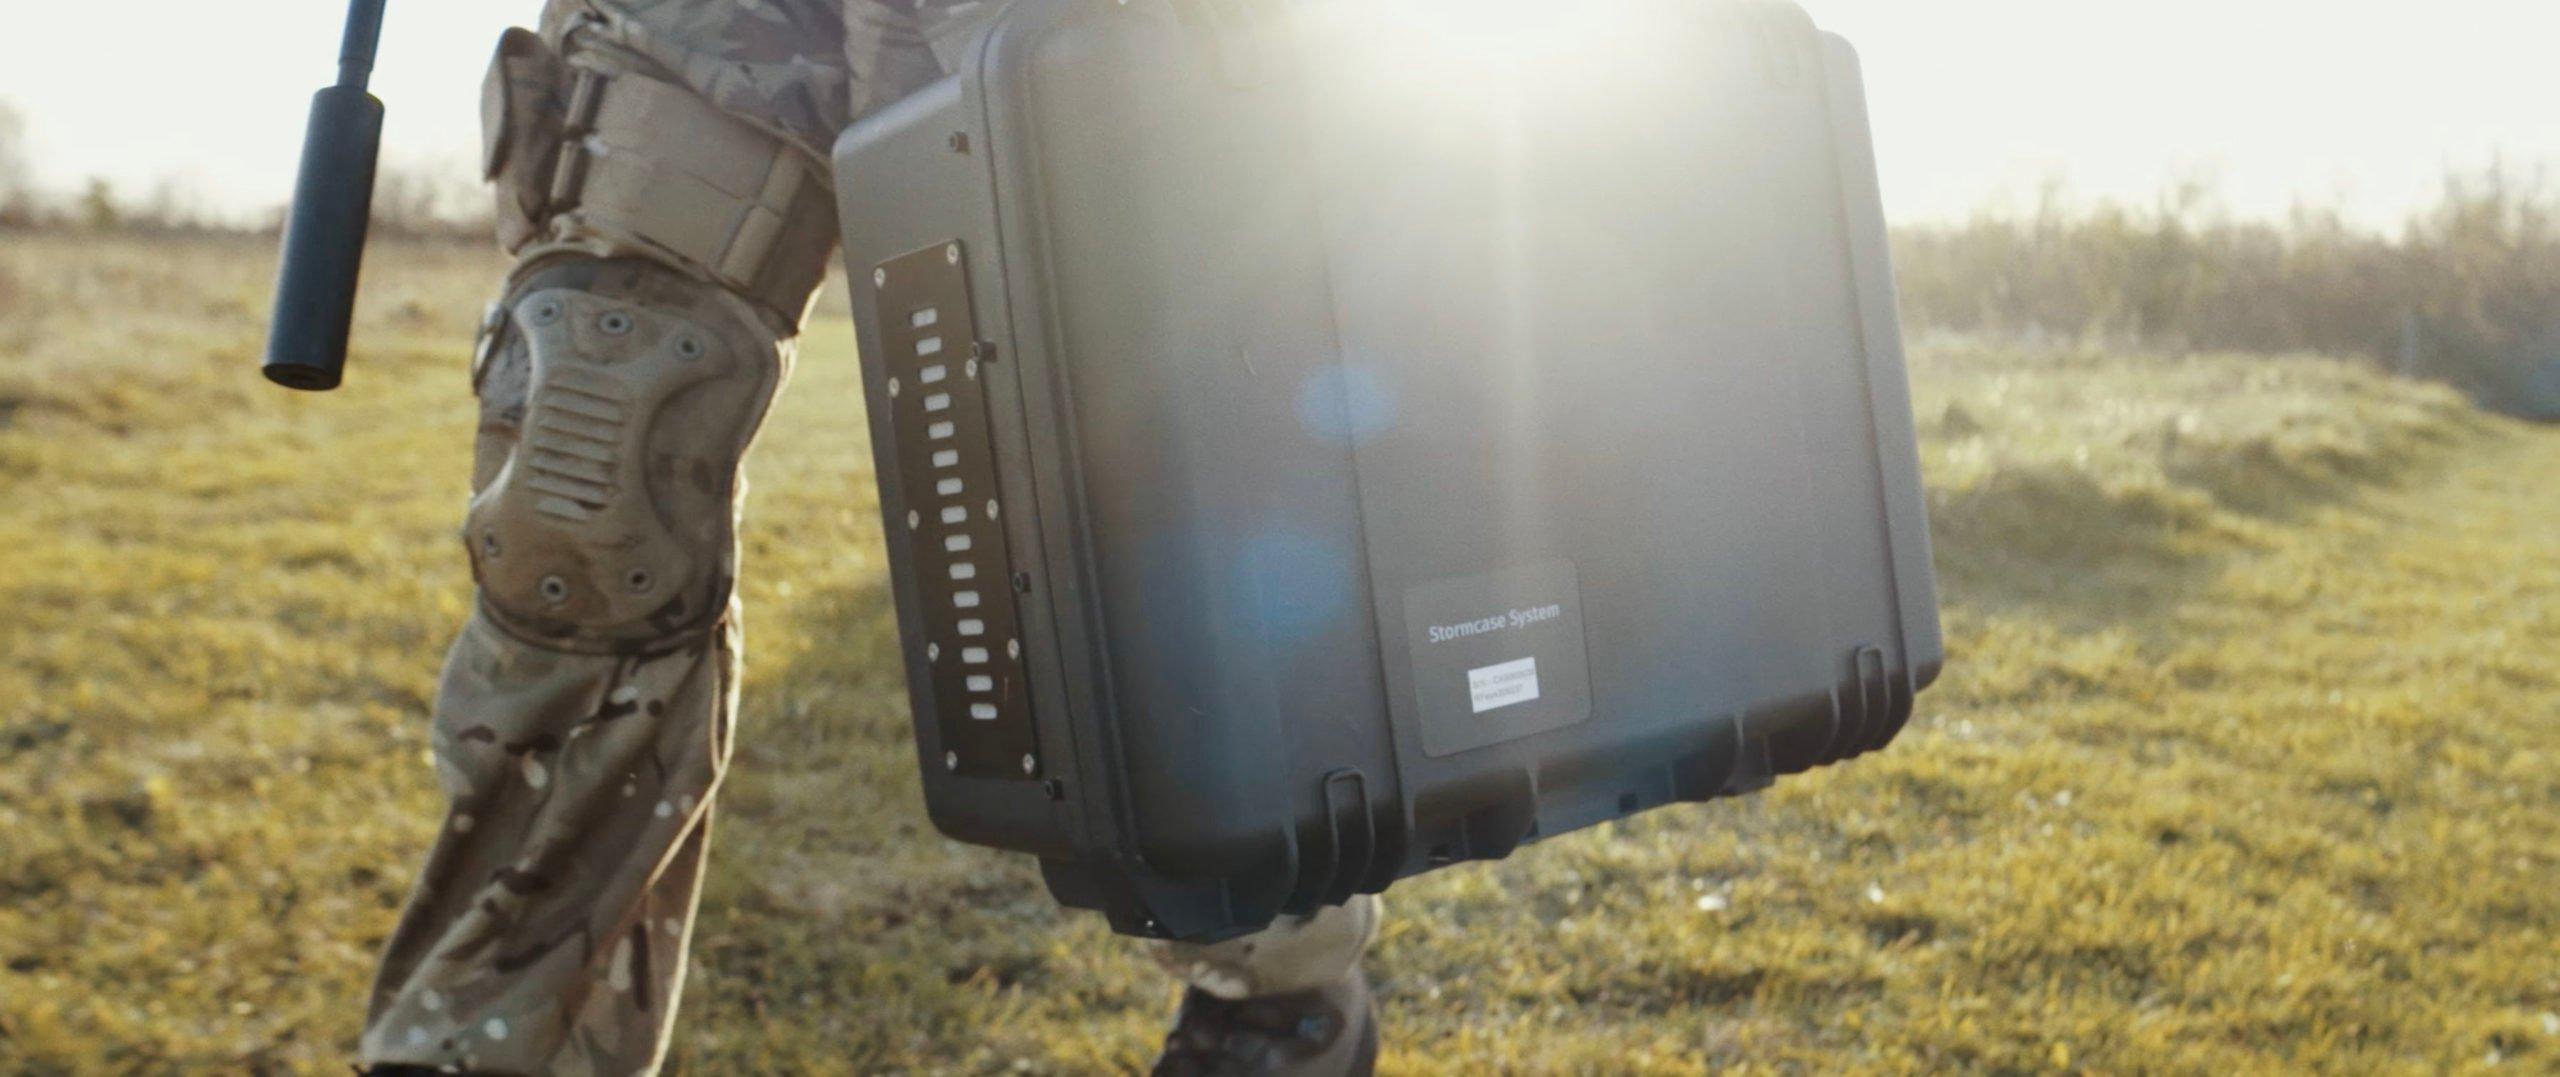 RFeye Stormcase being carried